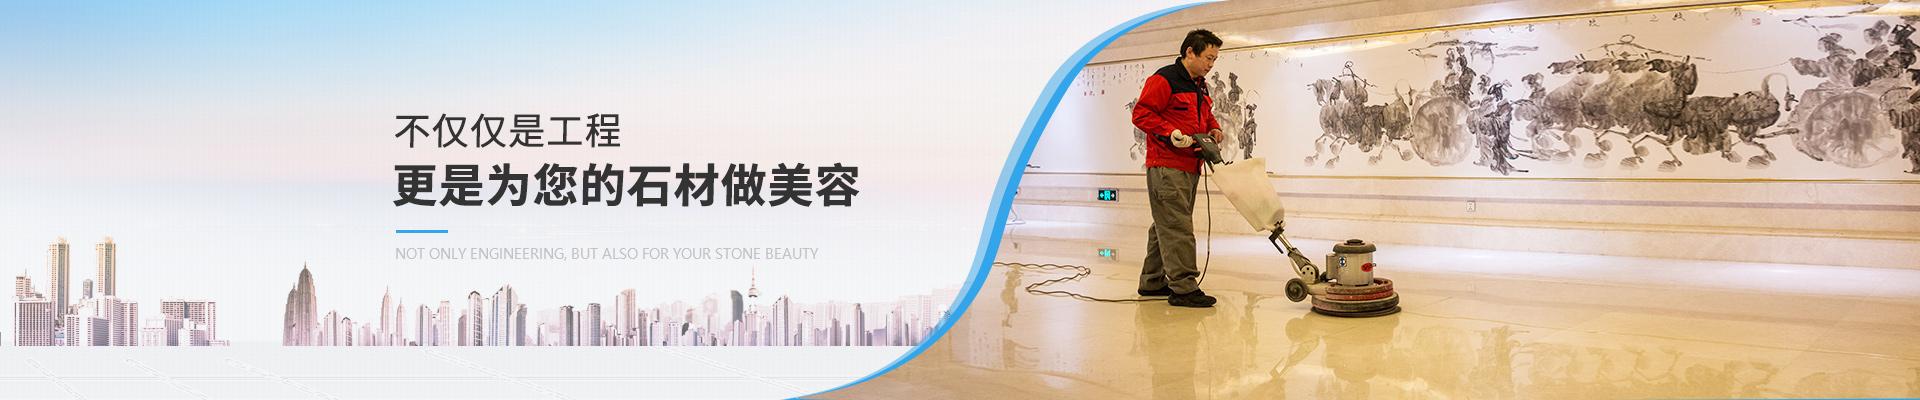 石材护理服务,不仅仅是工程,更是为您的石材做美容